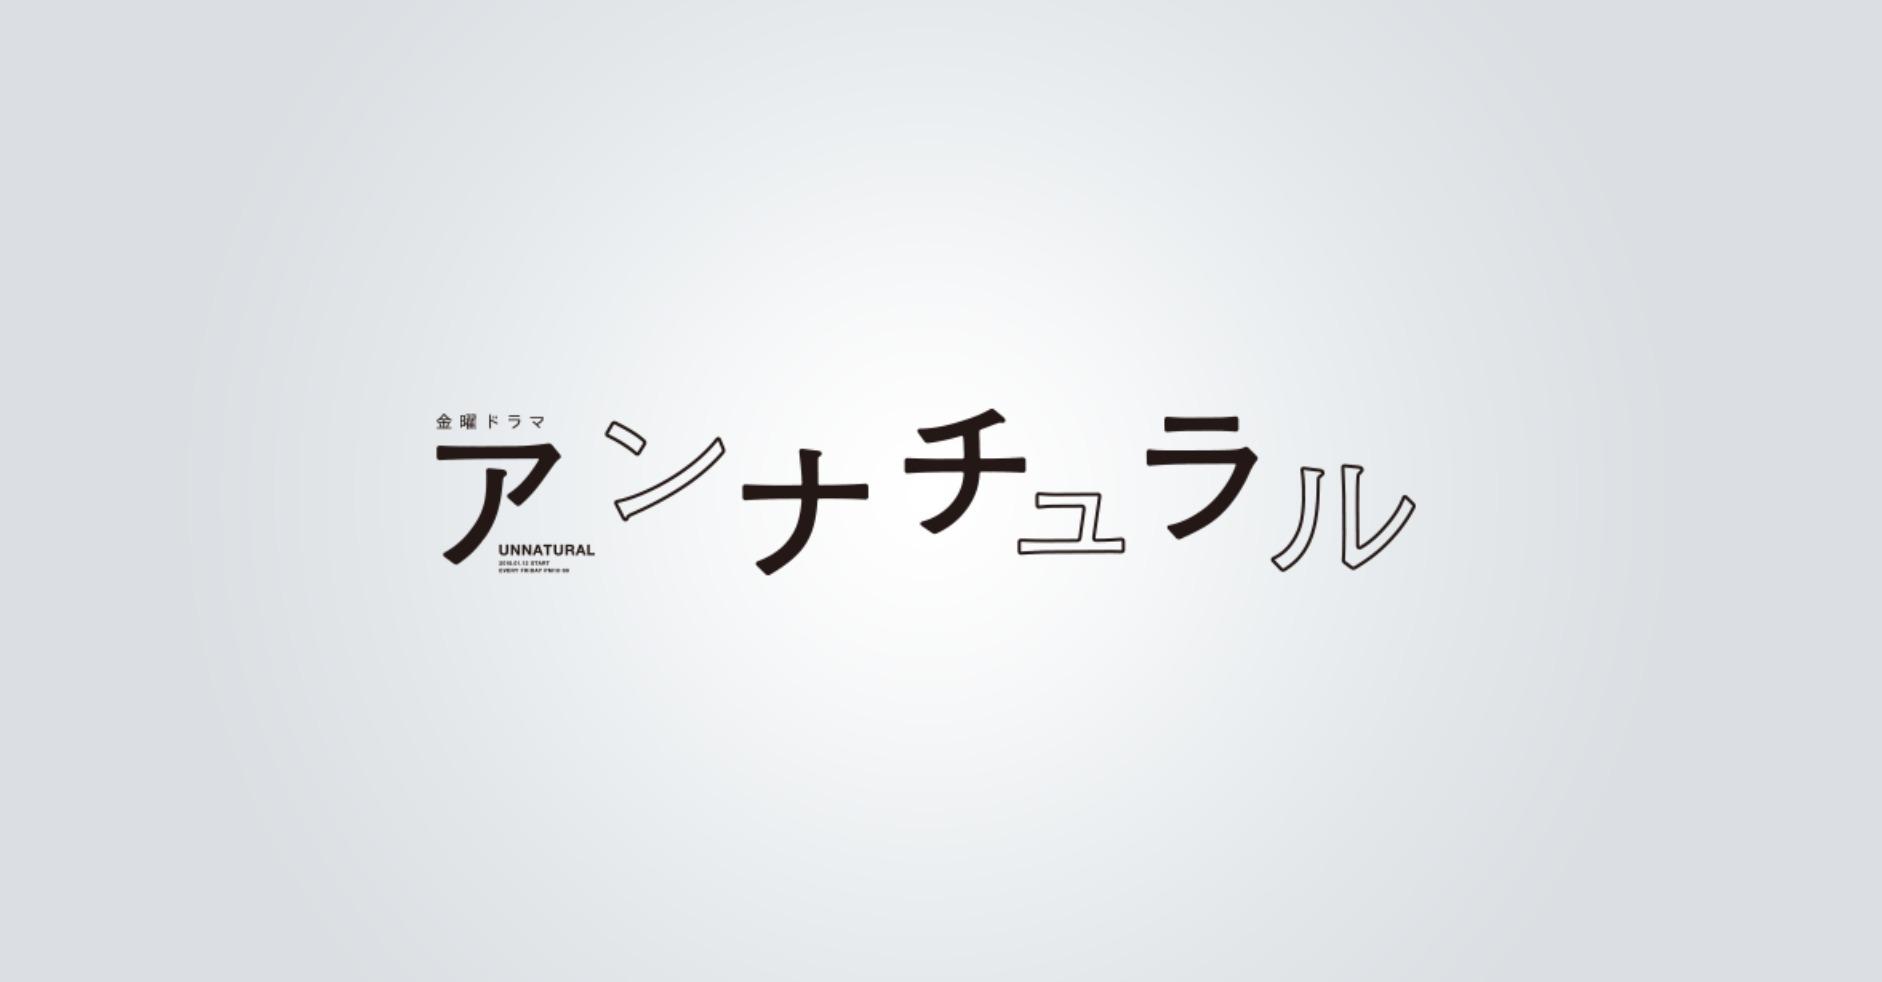 ドラマ『アンナチュラル』の名セリフ・名言集